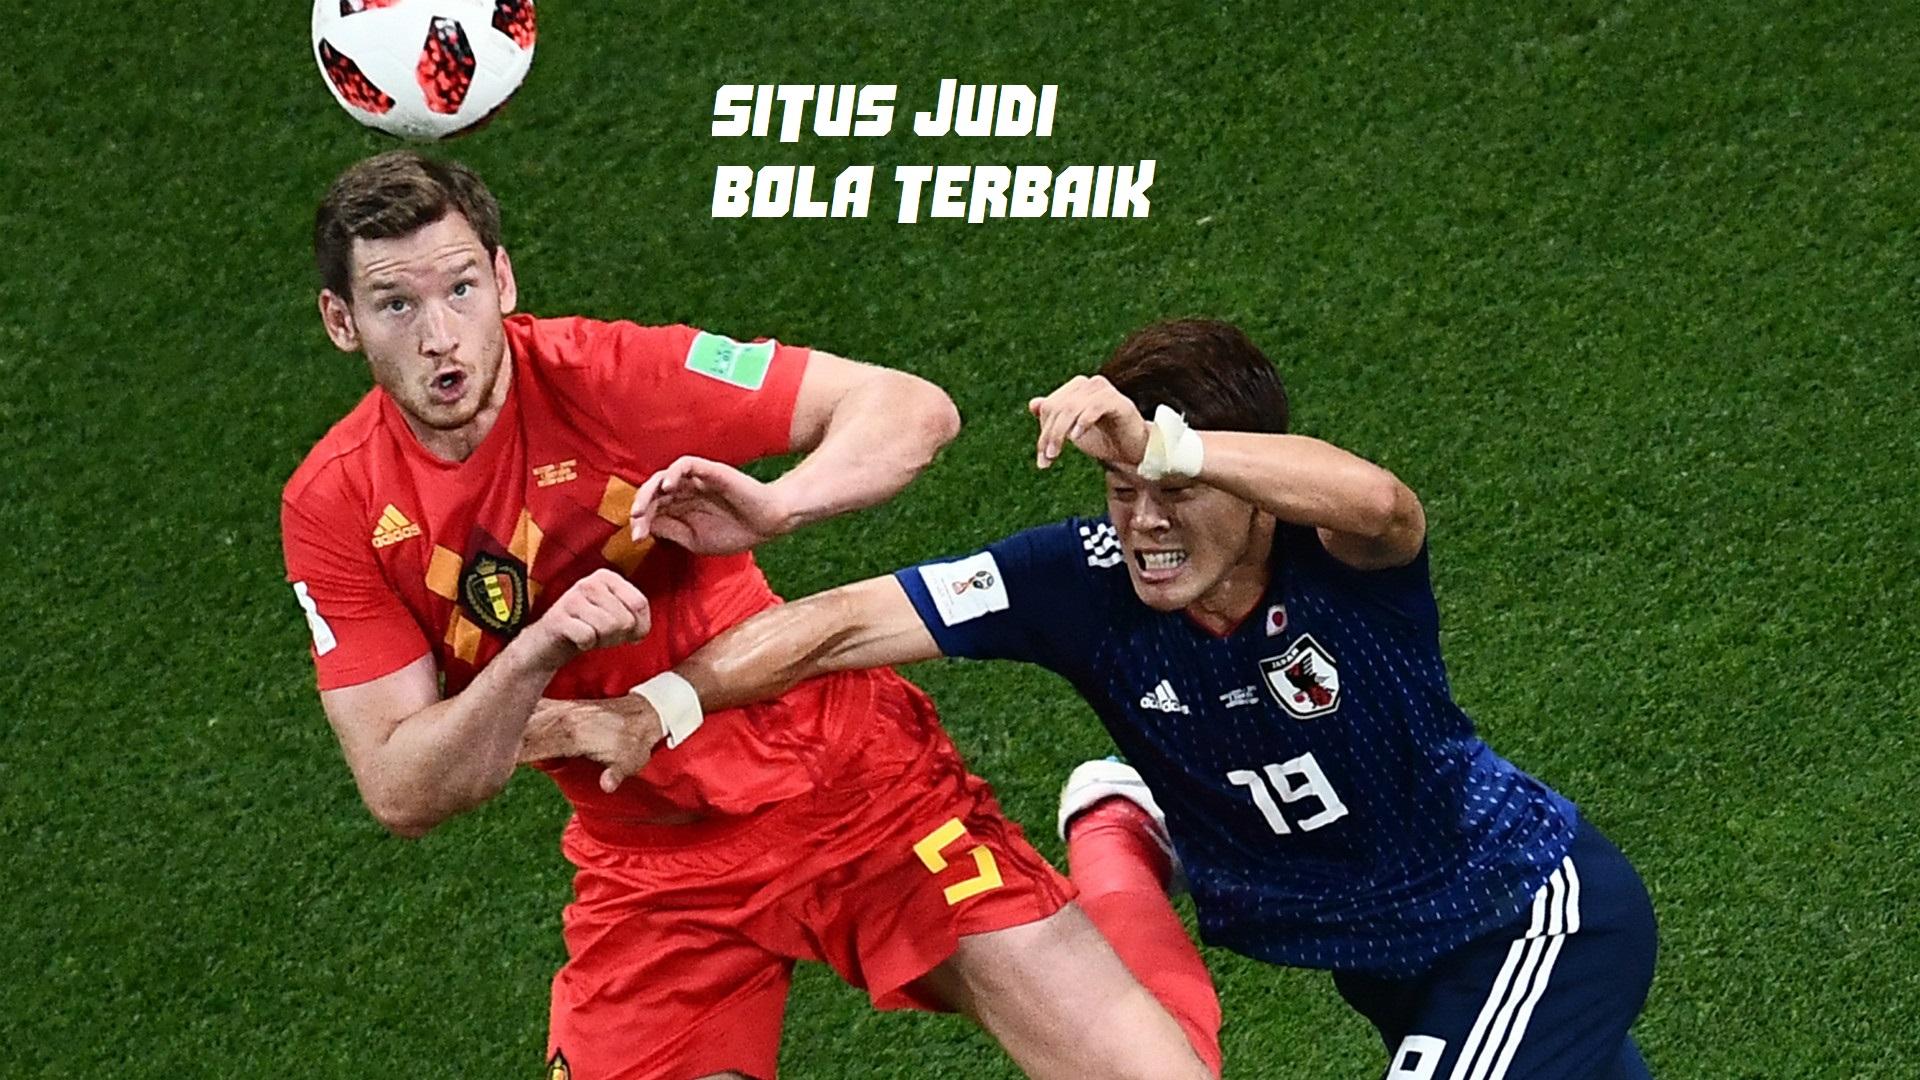 Situs Judi Bola Terbaik Di Indonesia - Bikesrnottoys.com